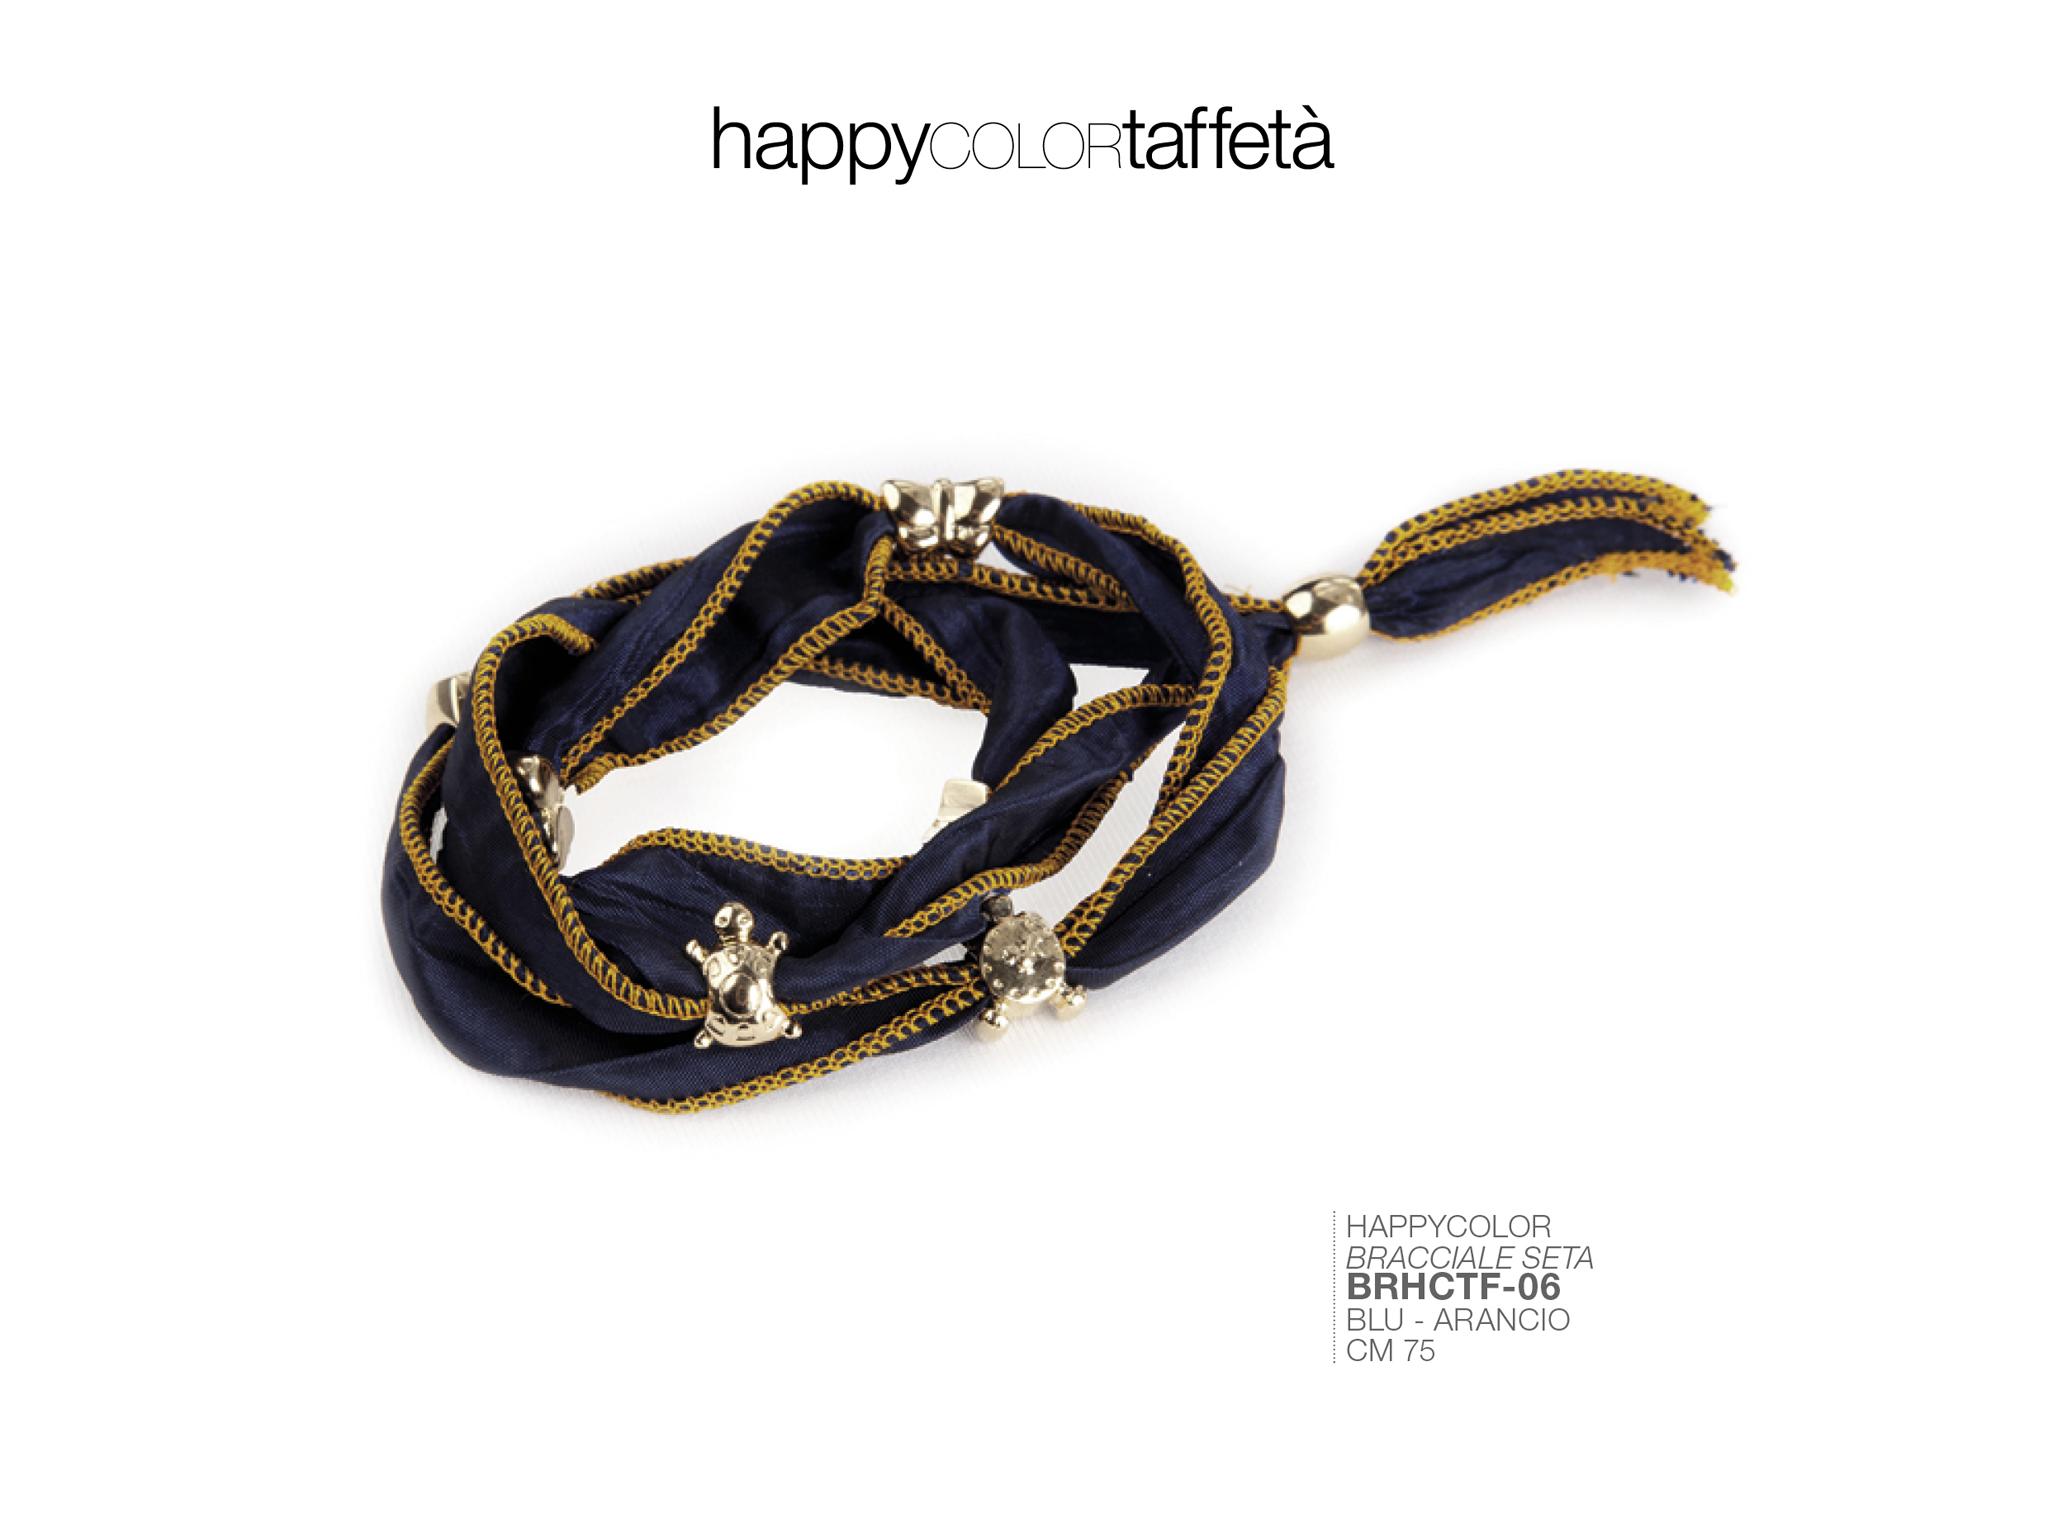 happycolor_taffeta_pagina_7_app